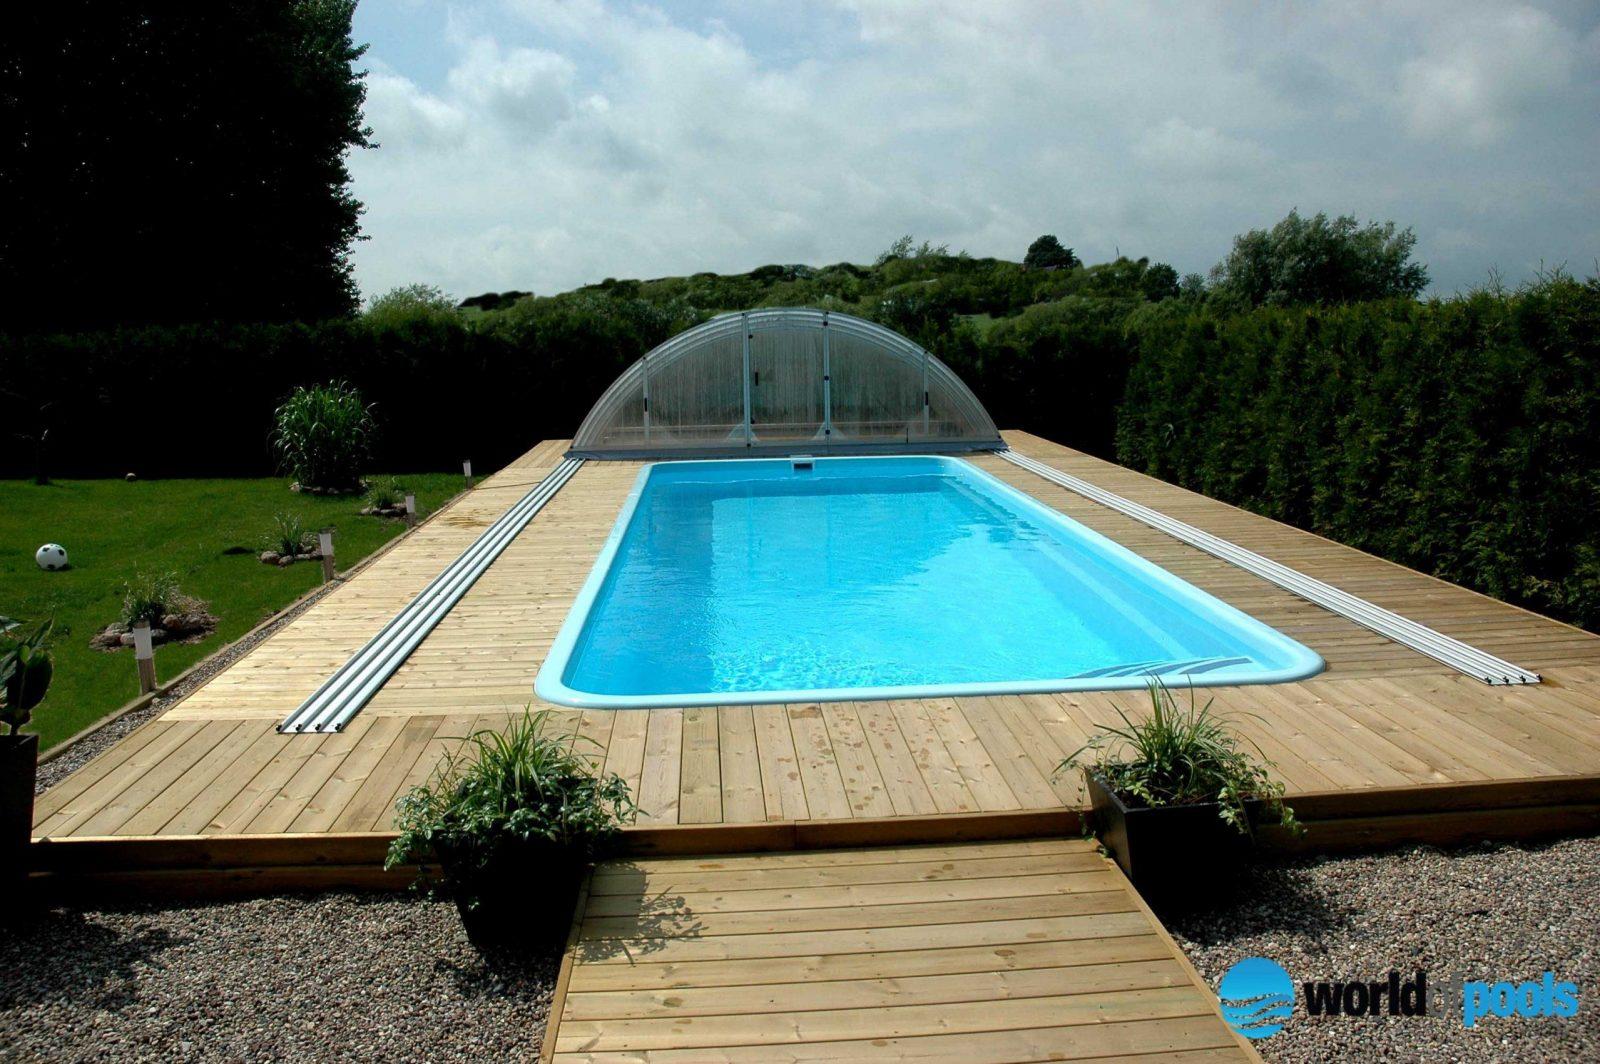 Angebot Pools Für Garten Swimmingpools Fertigschwimmbecken von Pool Aus Polen Kaufen Bild